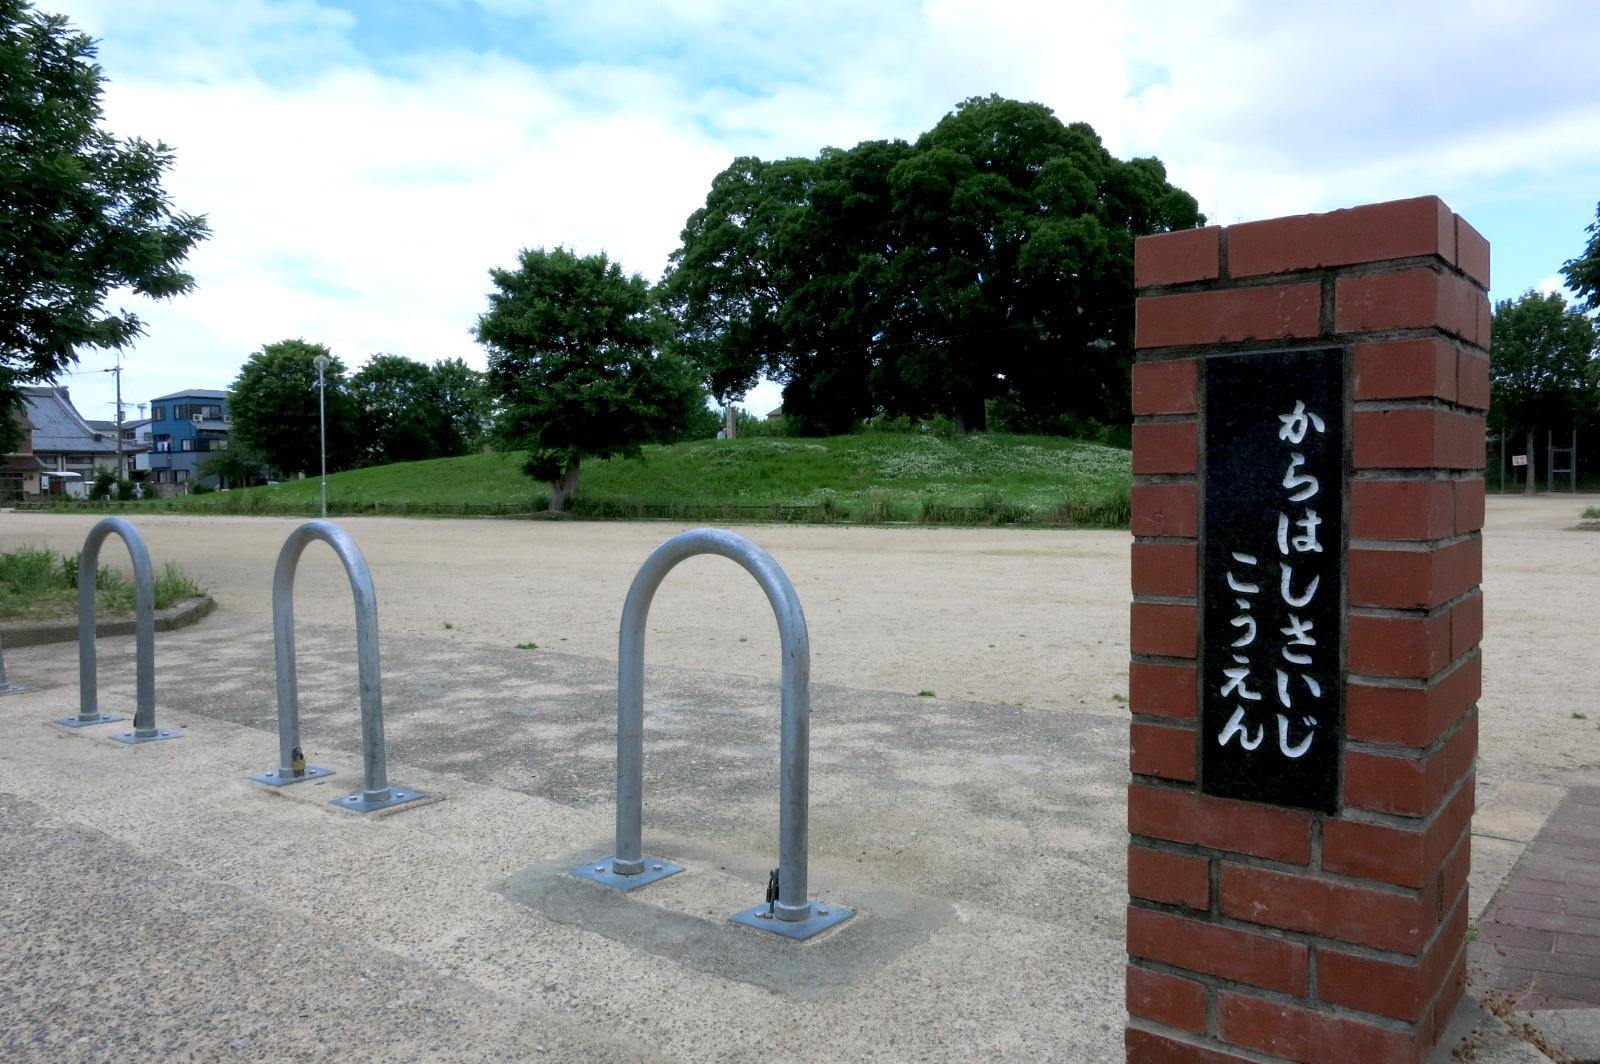 西寺跡のある唐橋西寺公園に到着。